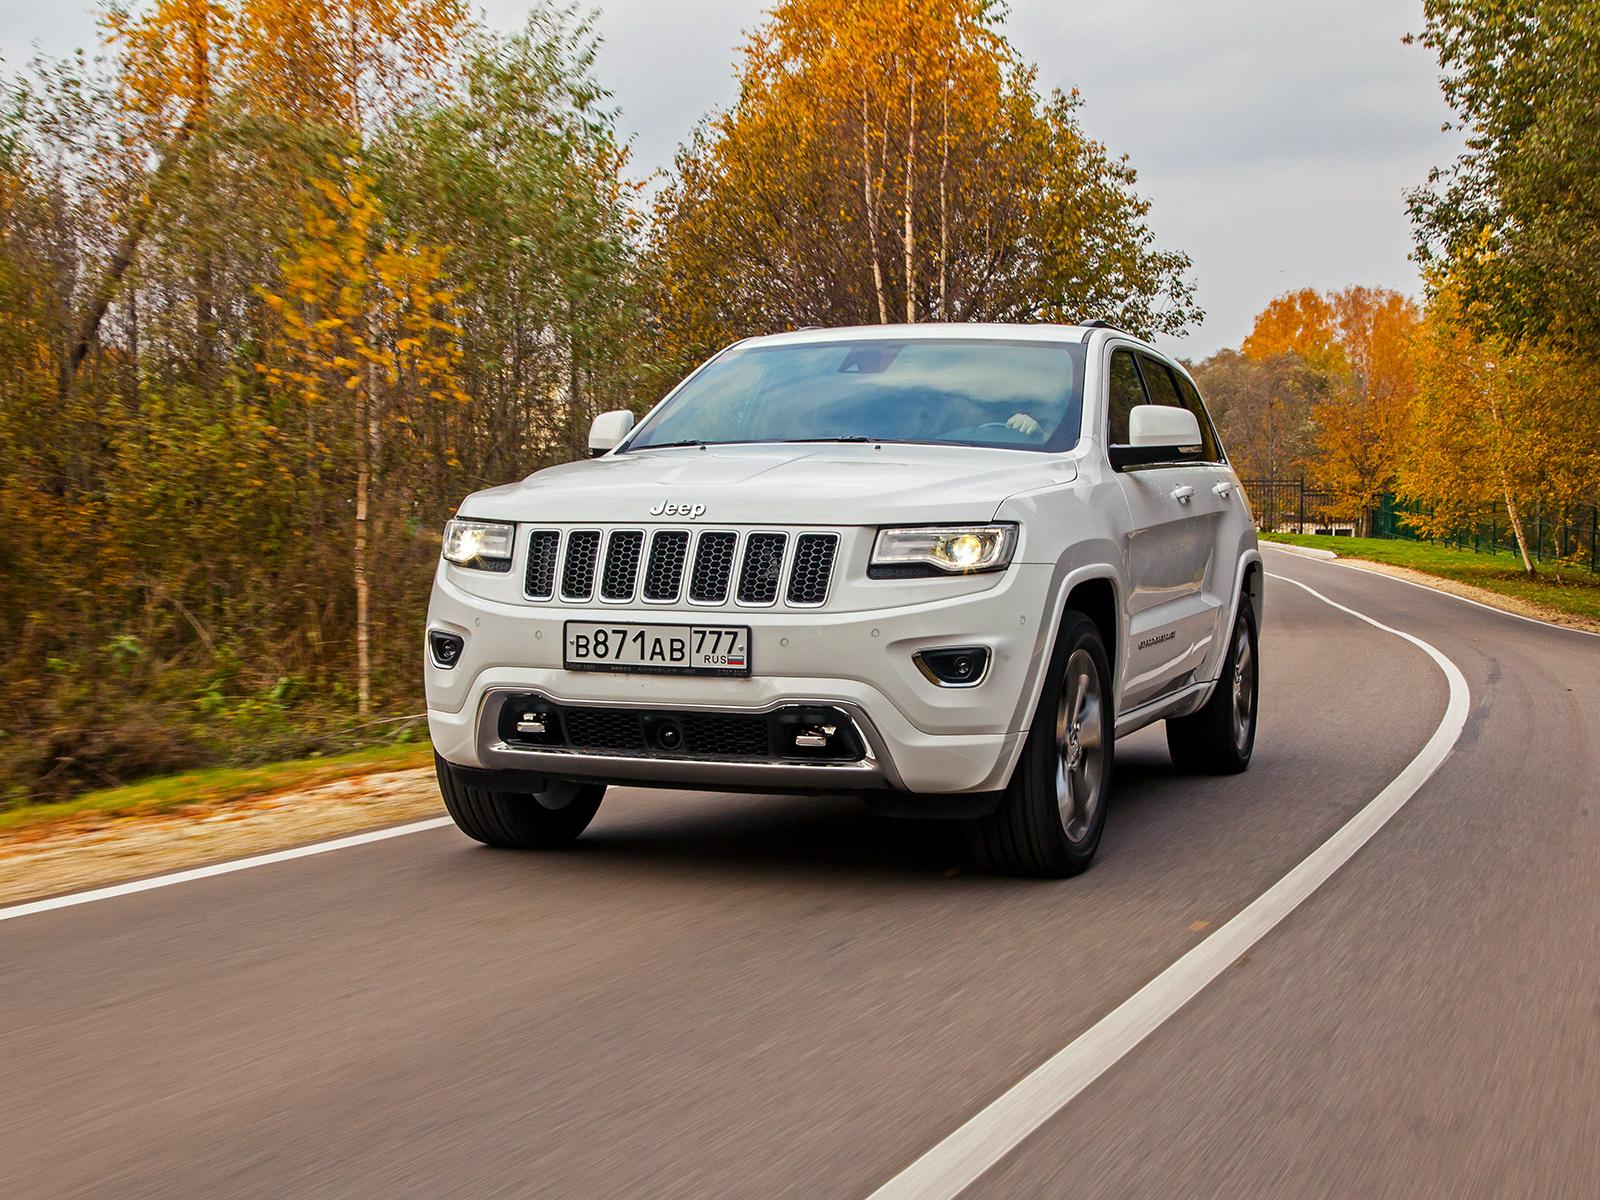 схема двигателя grand cherokee jeep 4 литра